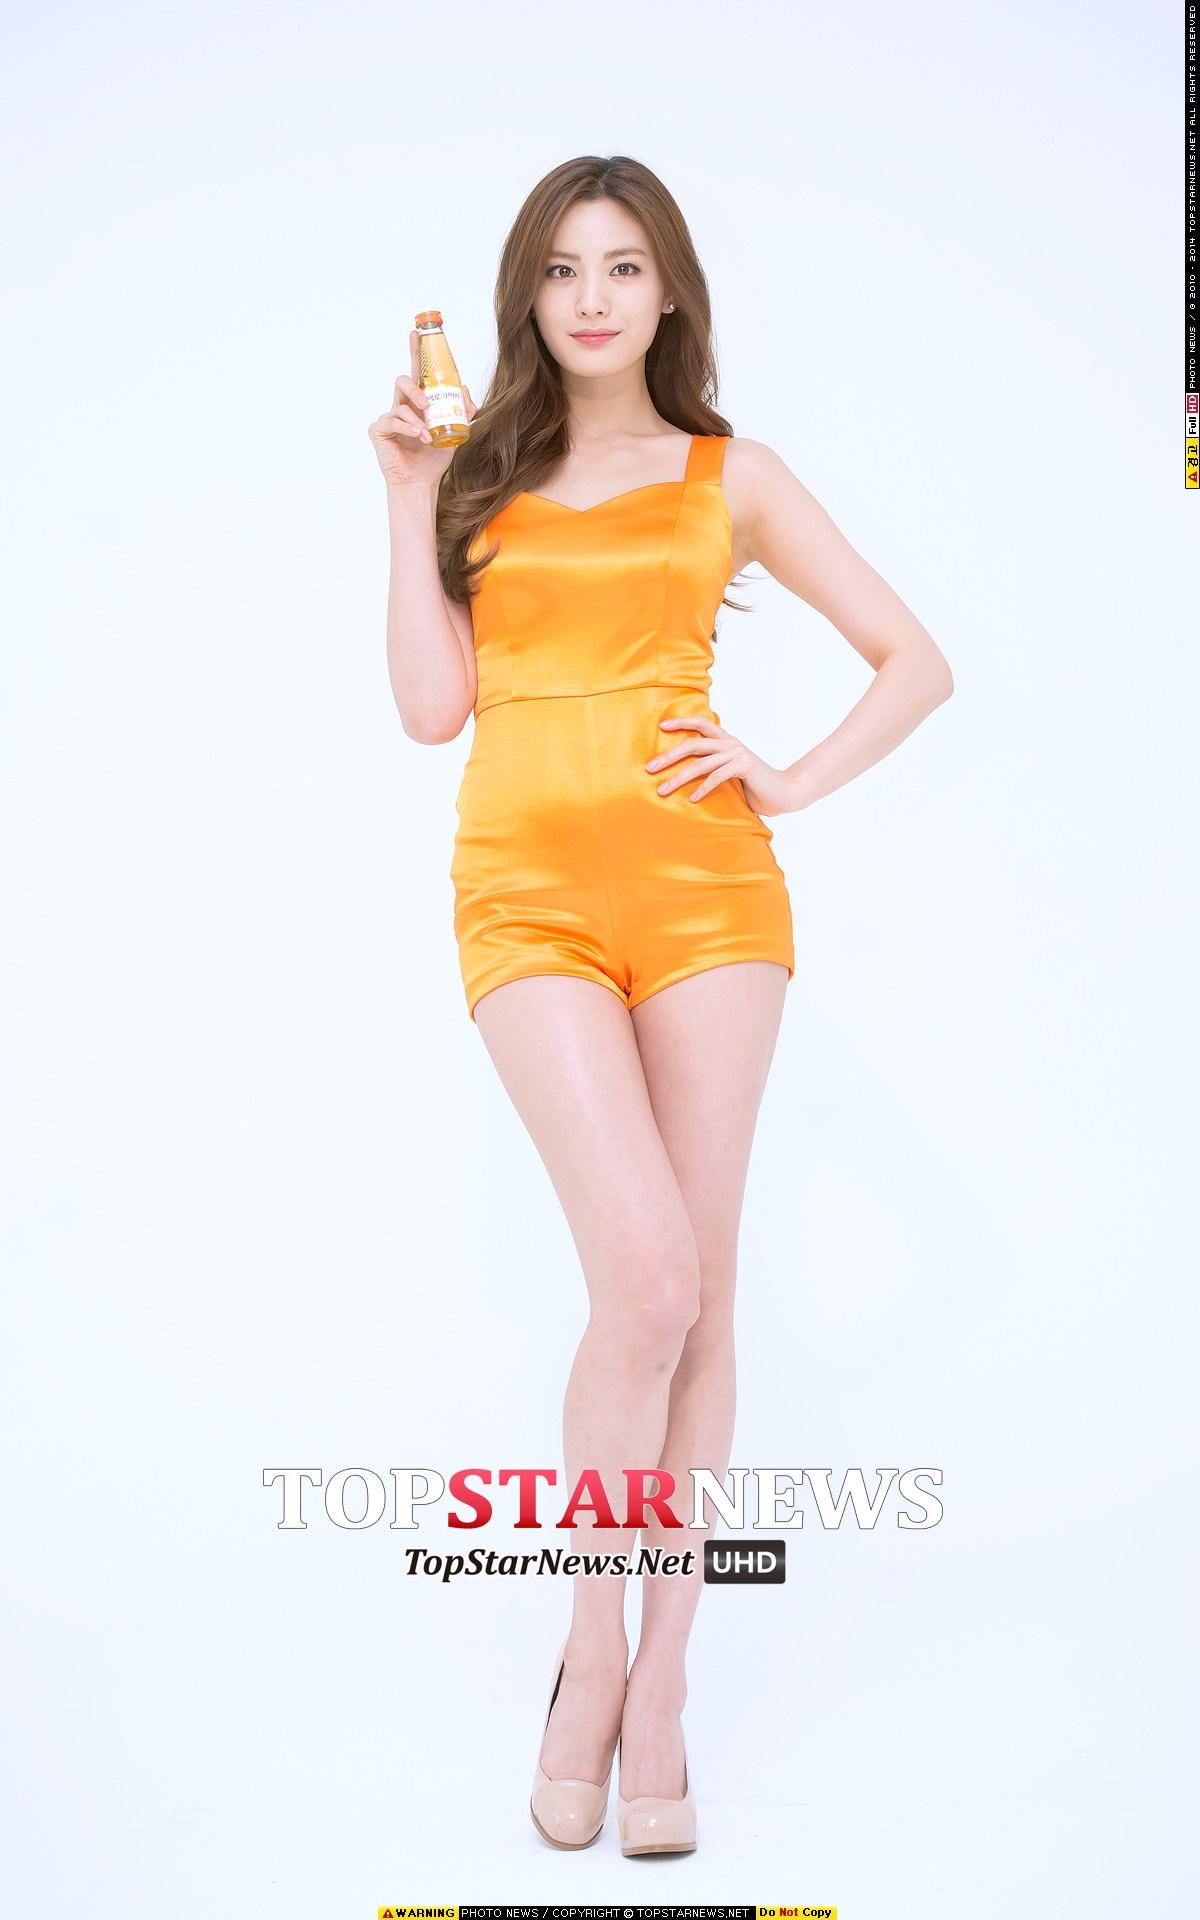 *神之比例 After School — nana 天使臉蛋加上魔鬼身材的nana,一直是各大品牌想要邀請拍攝海報的第一順位。看看著比例,這腿...被票選為世界最美的美女真的當之無愧!